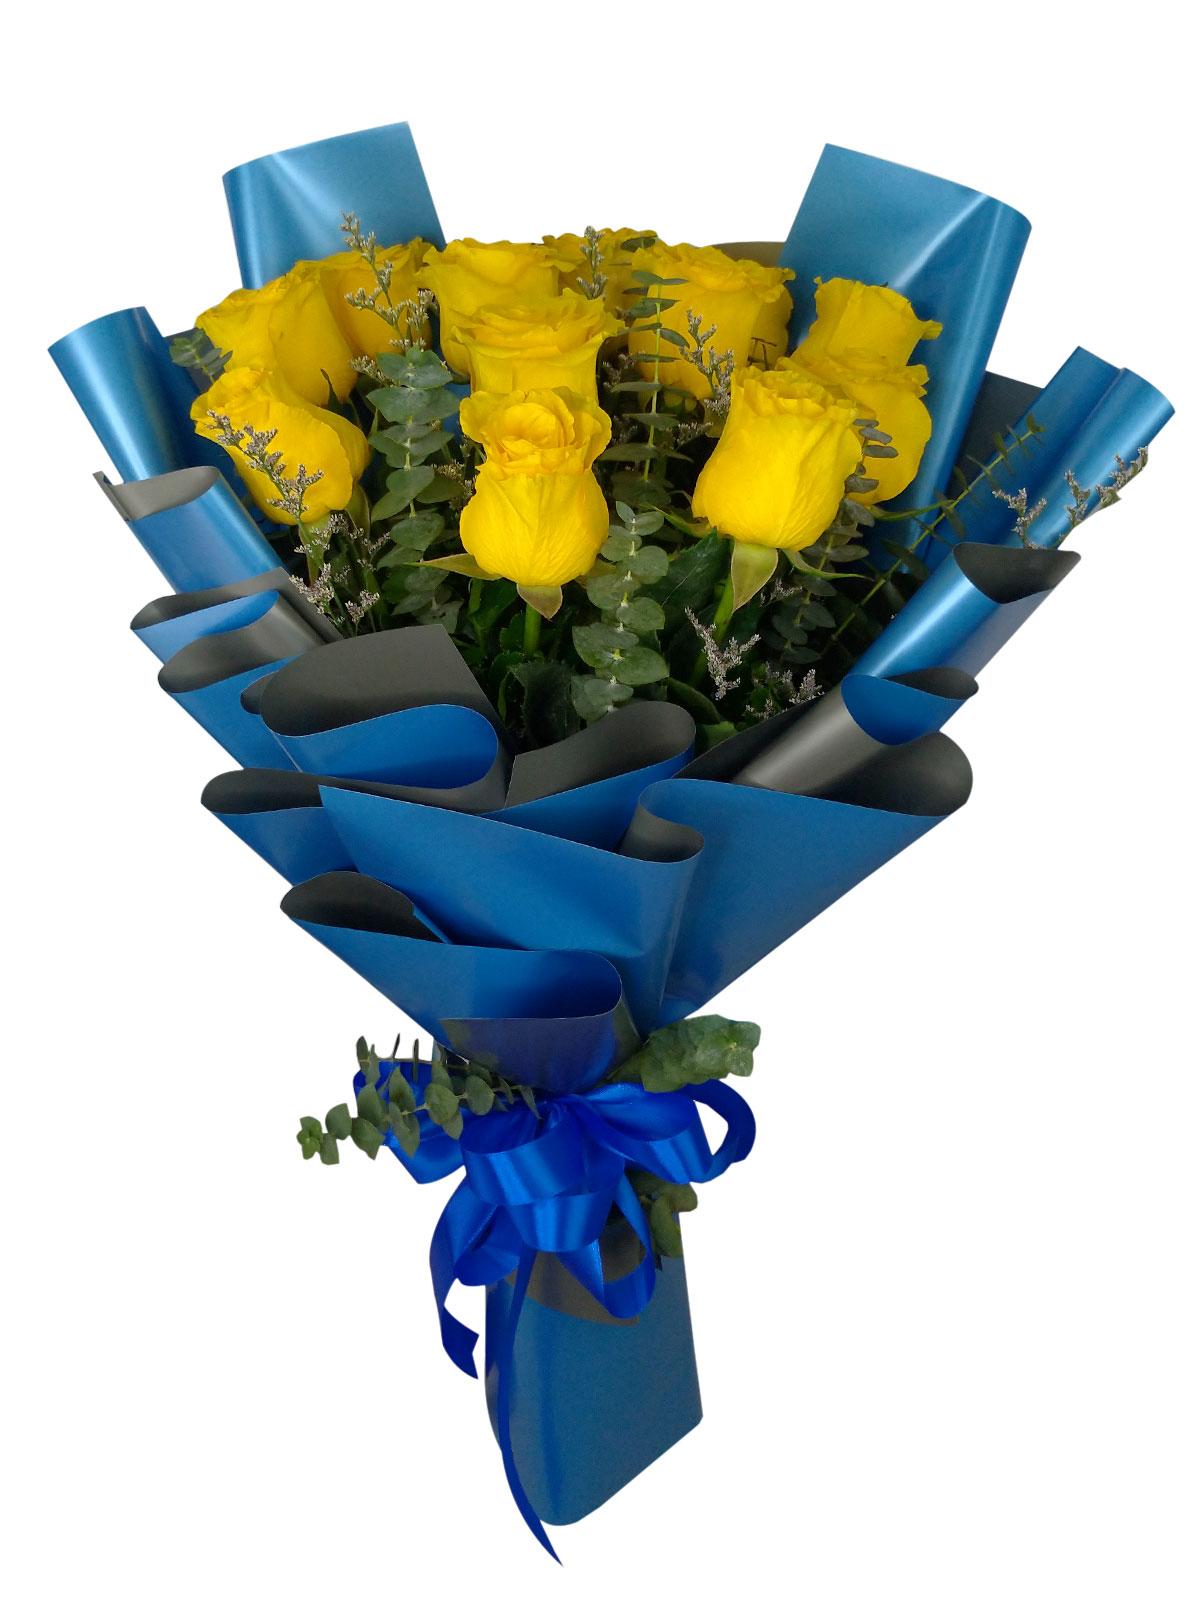 12 Stems Blue Rose